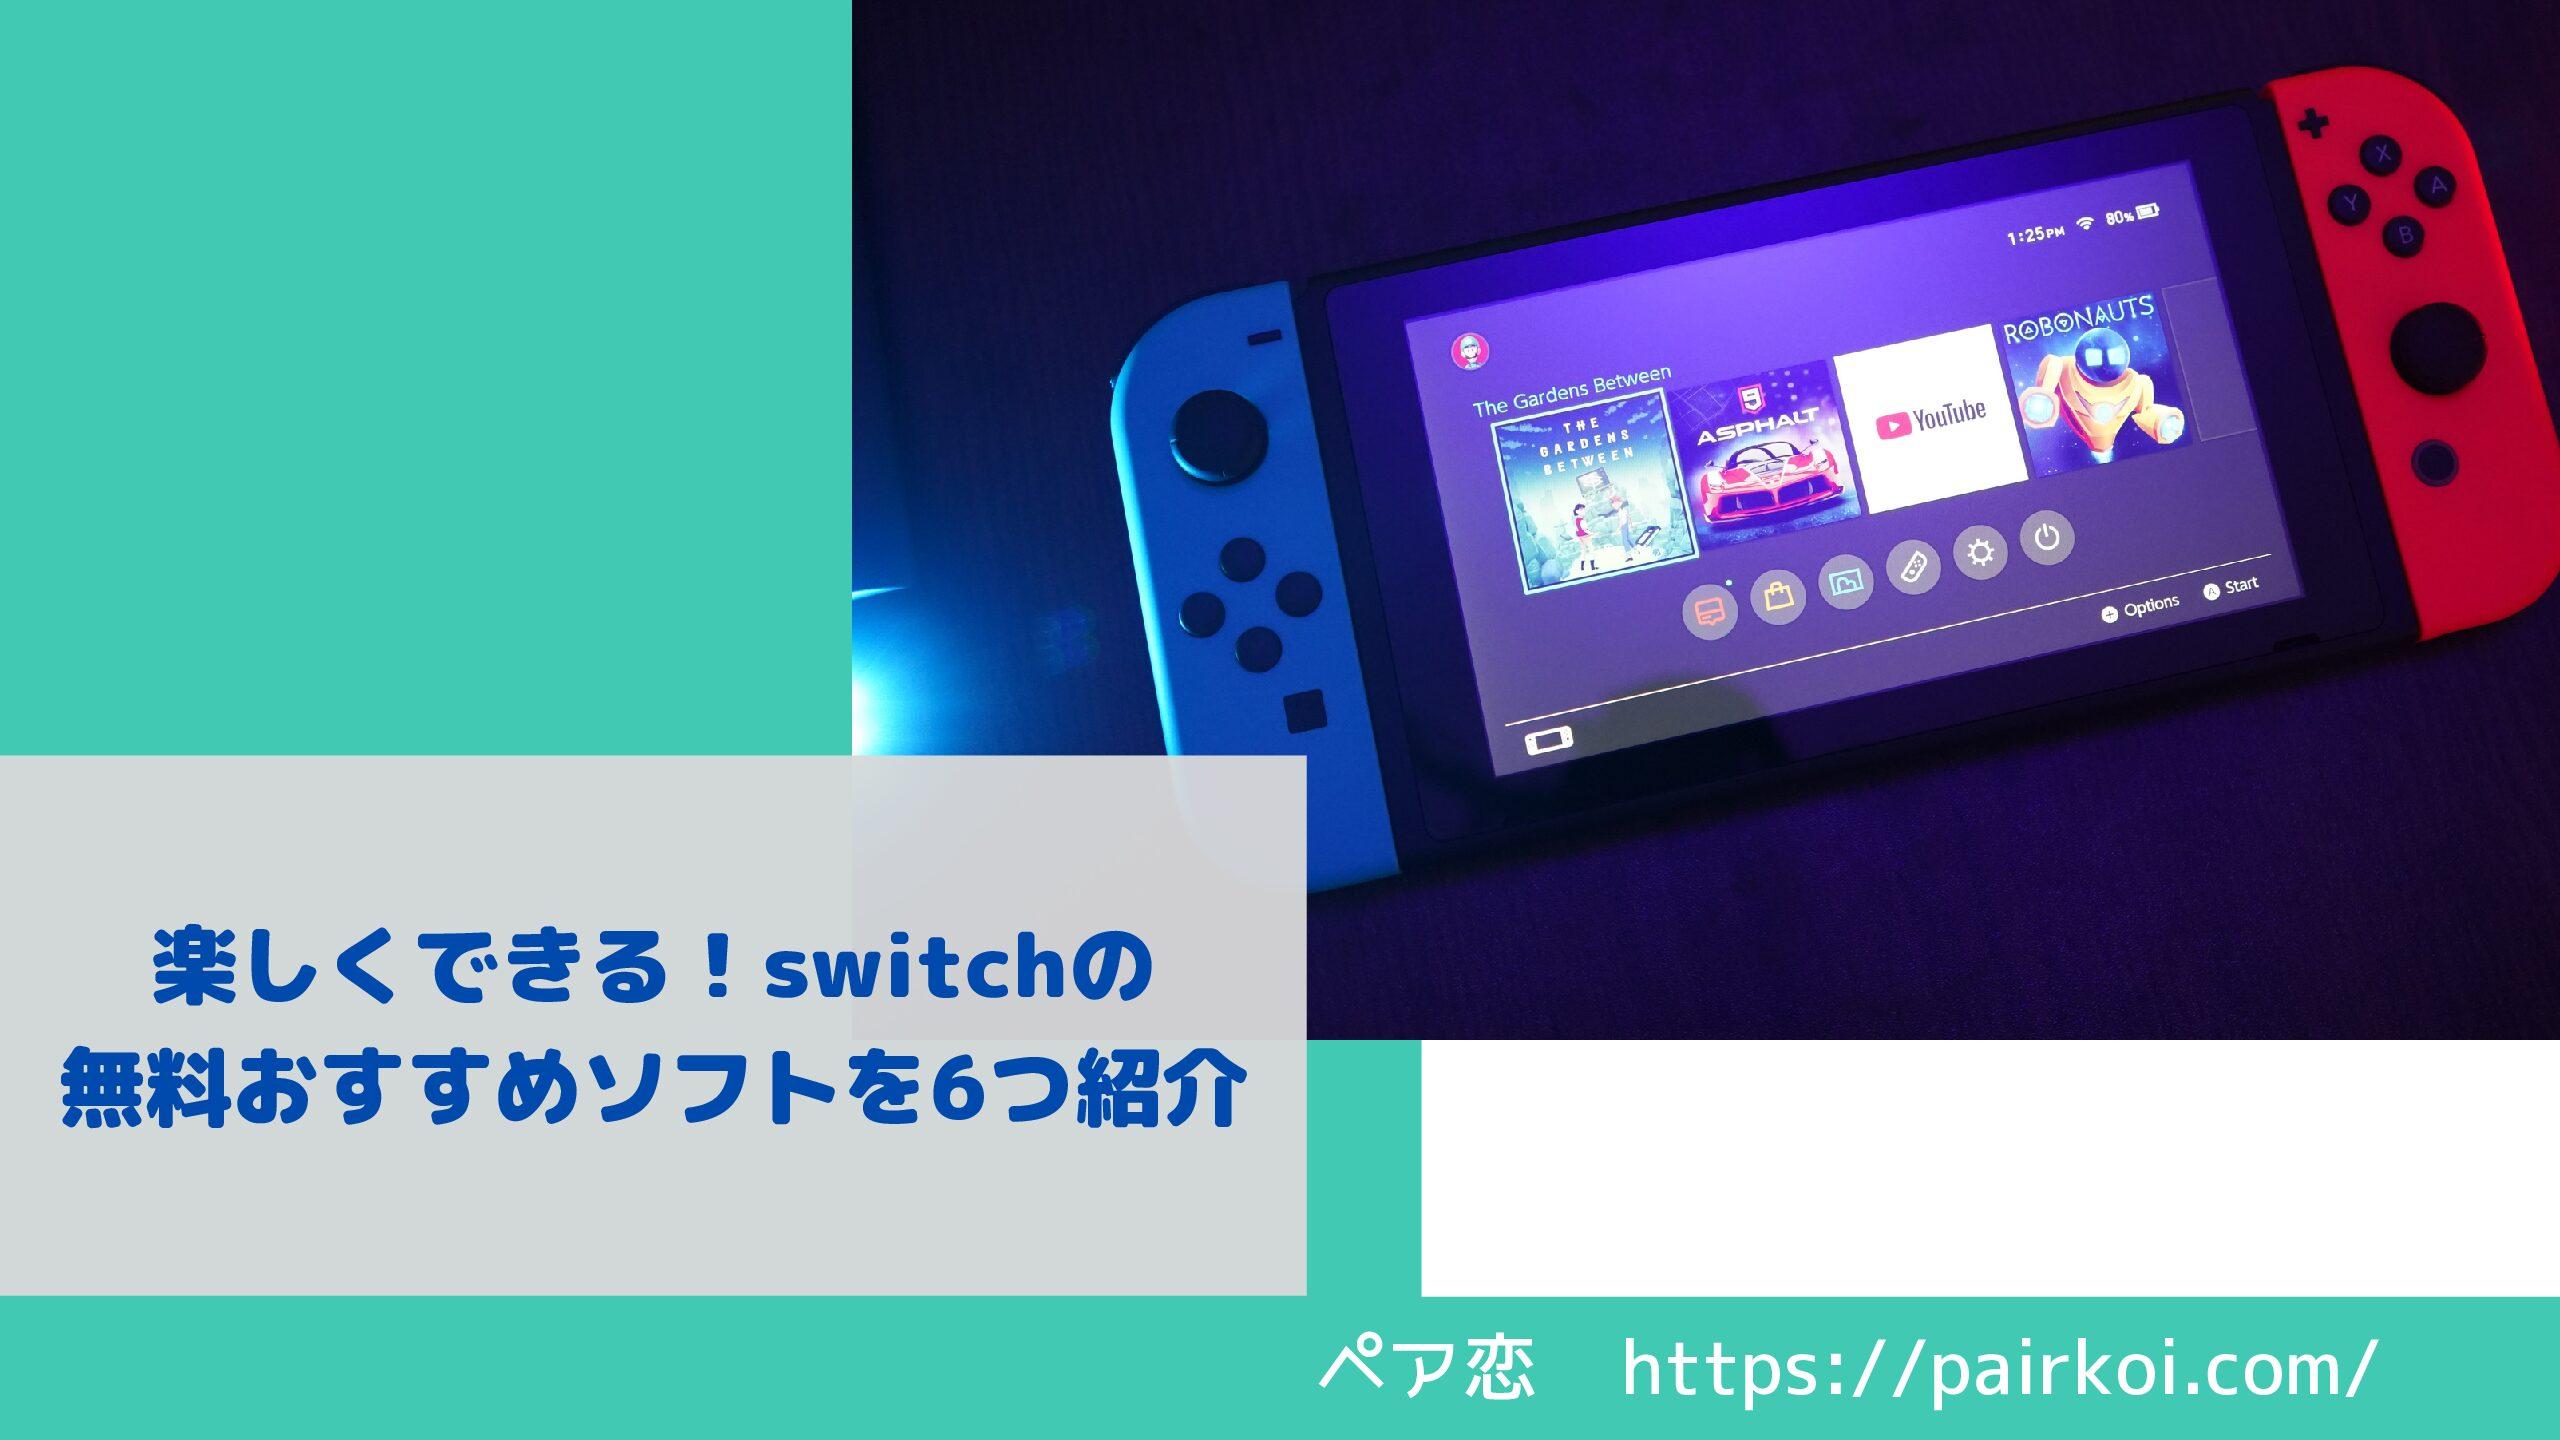 楽しくできる!switchの無料おすすめソフトを6つ紹介